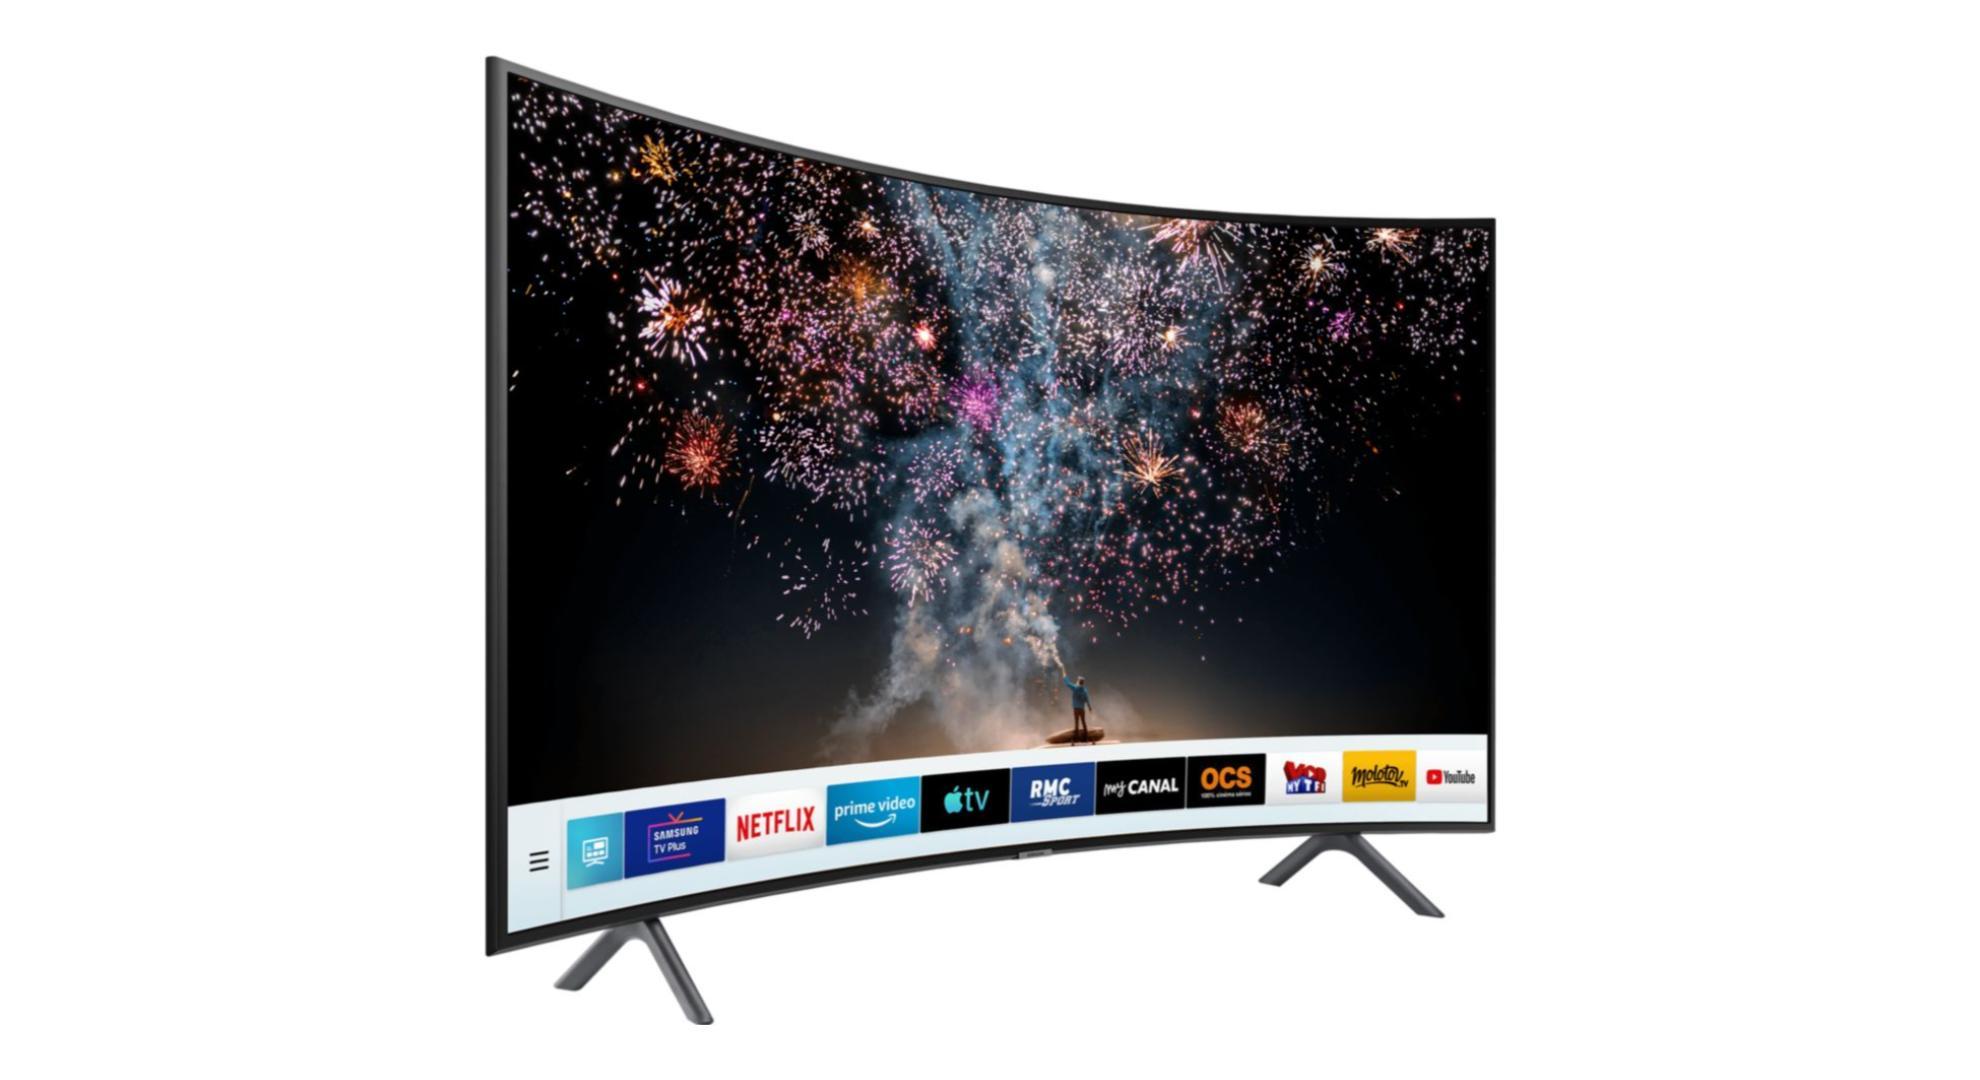 Le TV LED incurvé de Samsung en 49 pouces, compatible 4K HDR, est à 449 euros